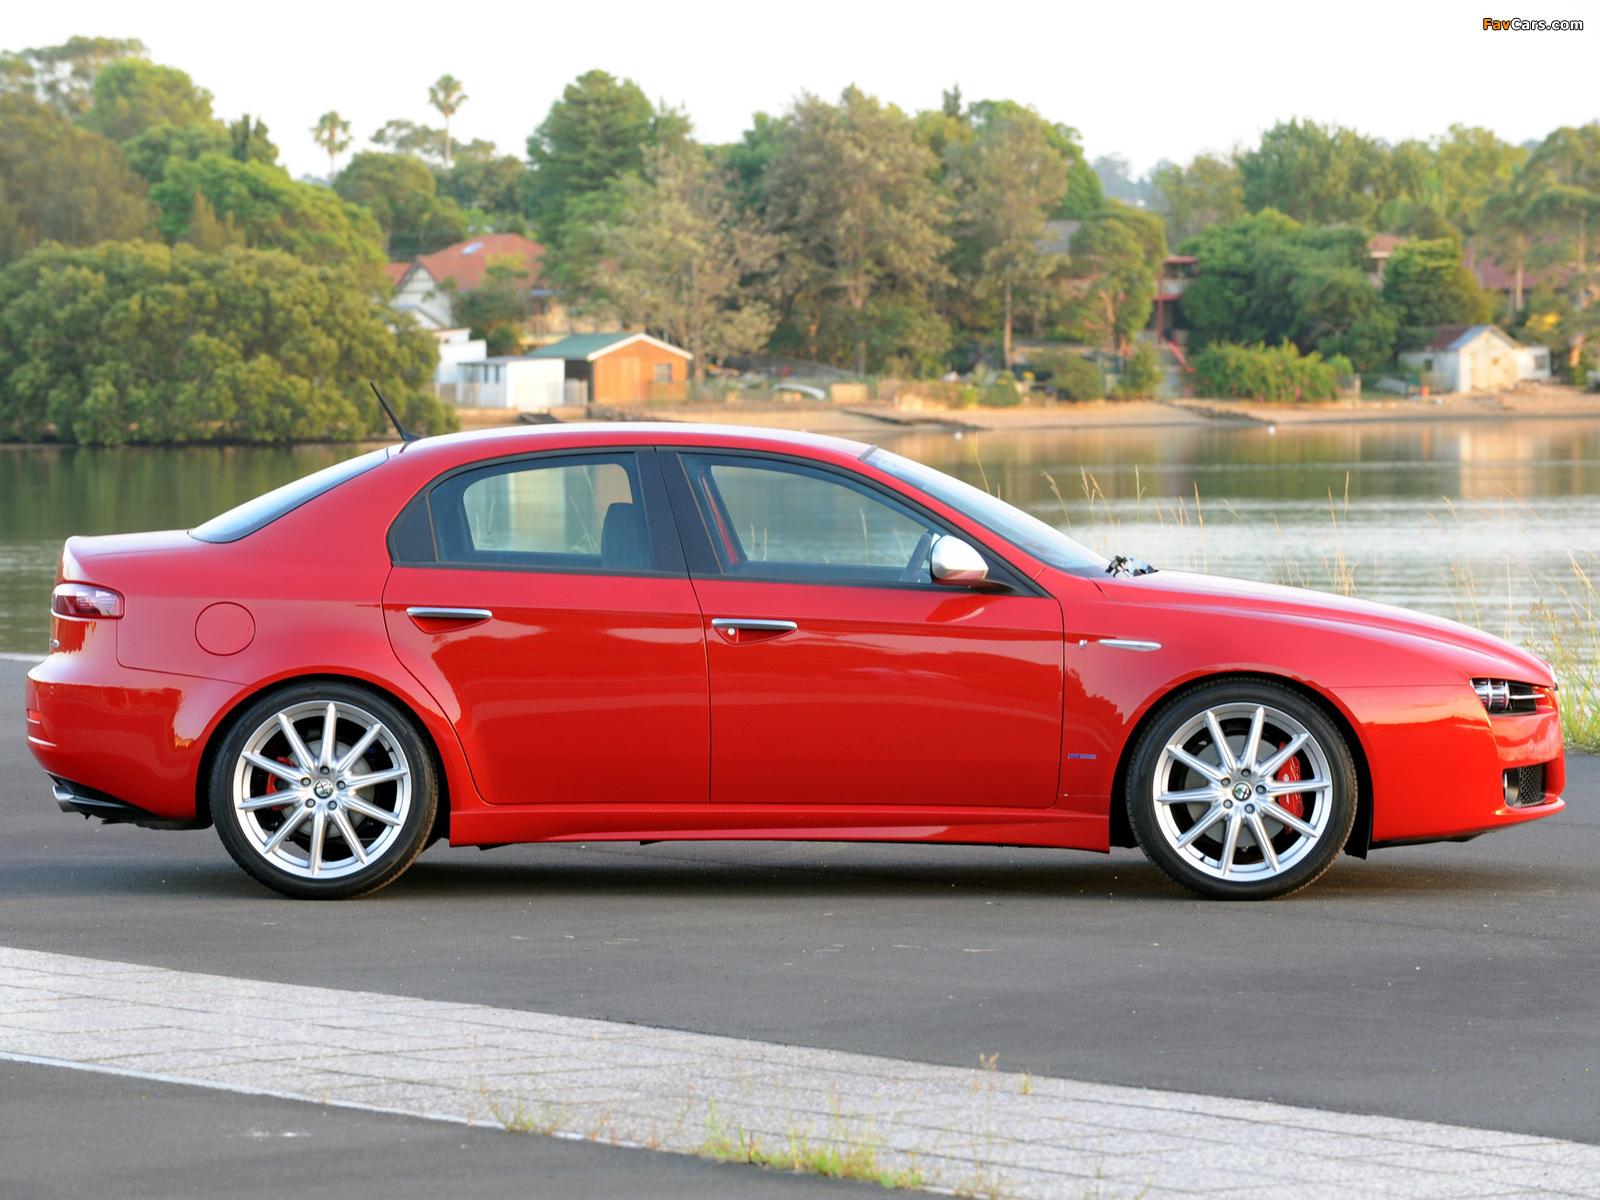 Alfa Romeo 159 Workshop Manual Download Free